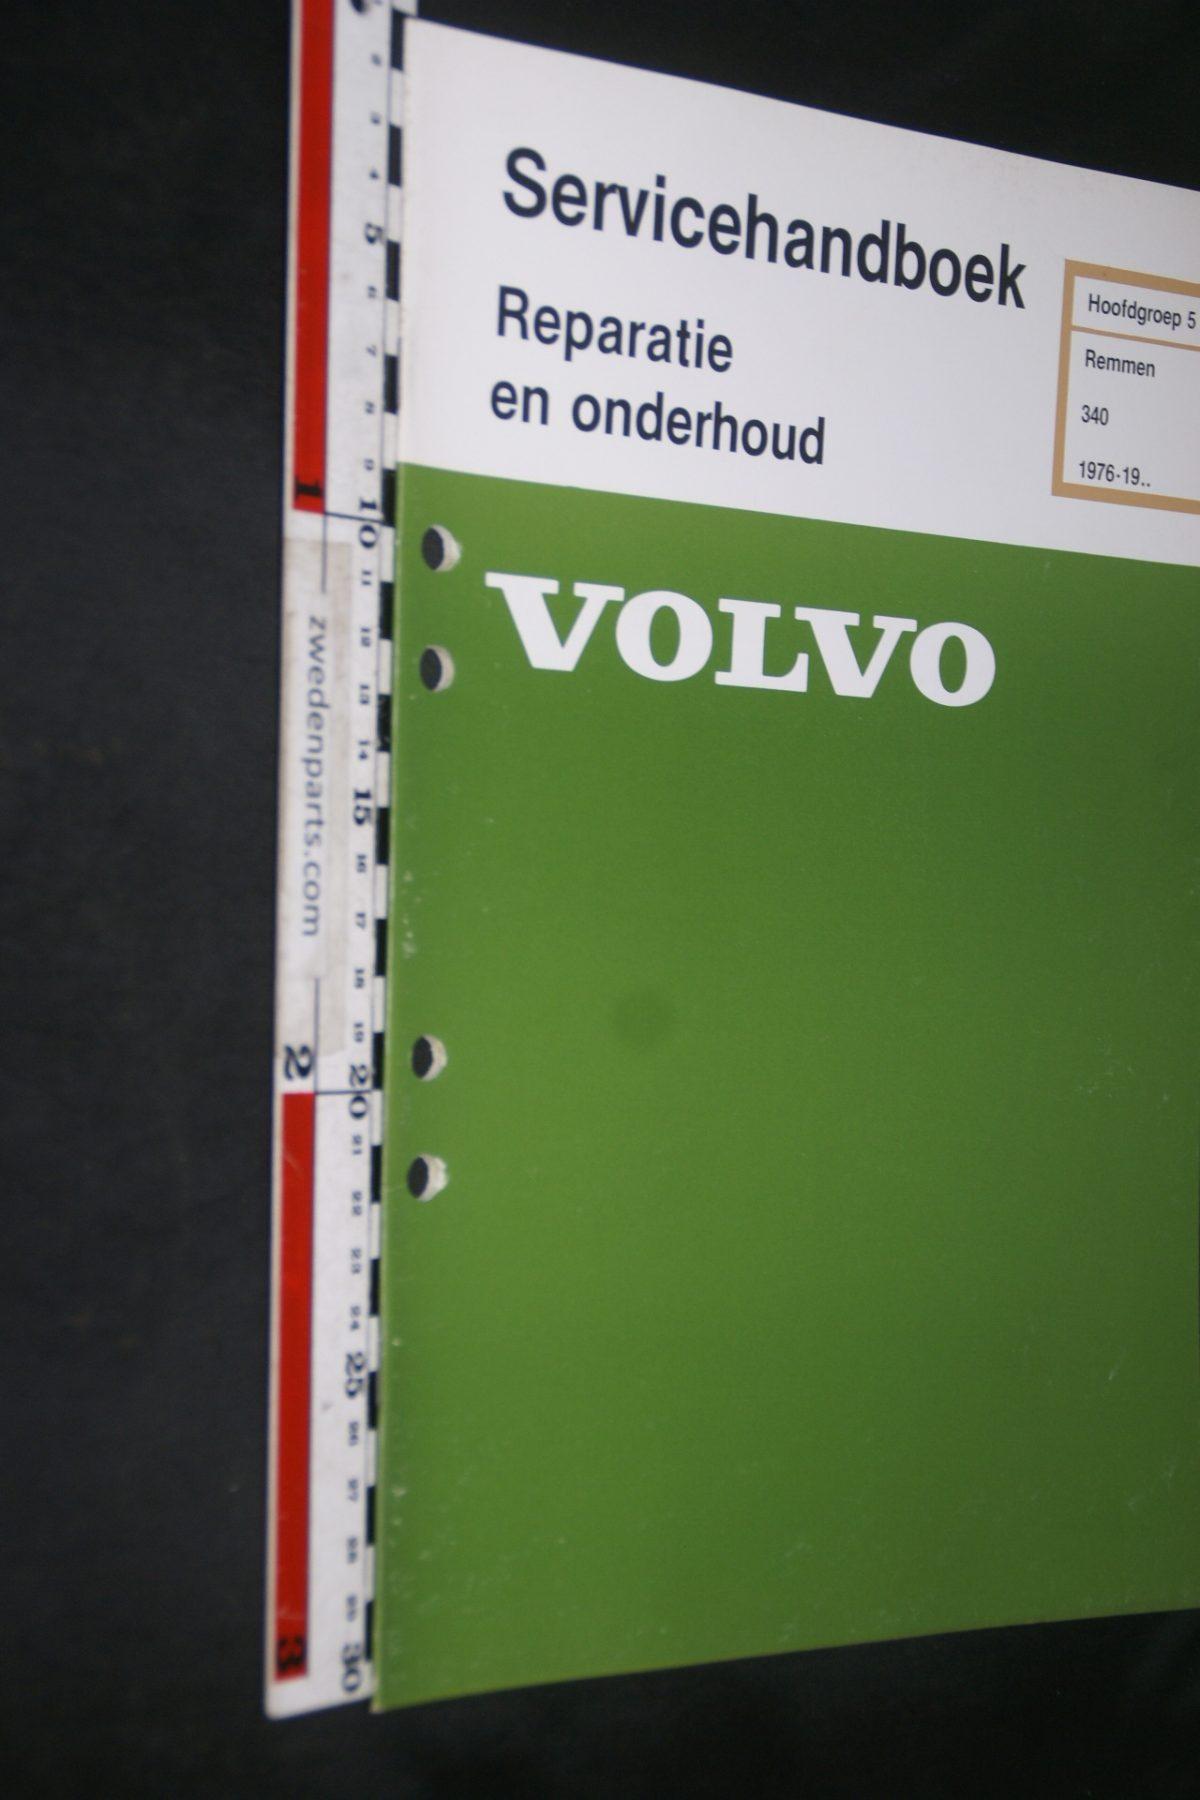 DSC06844 1981 origineel Volvo 340 servicehandboek 5 remmen 1 van 800 TP 12158-2